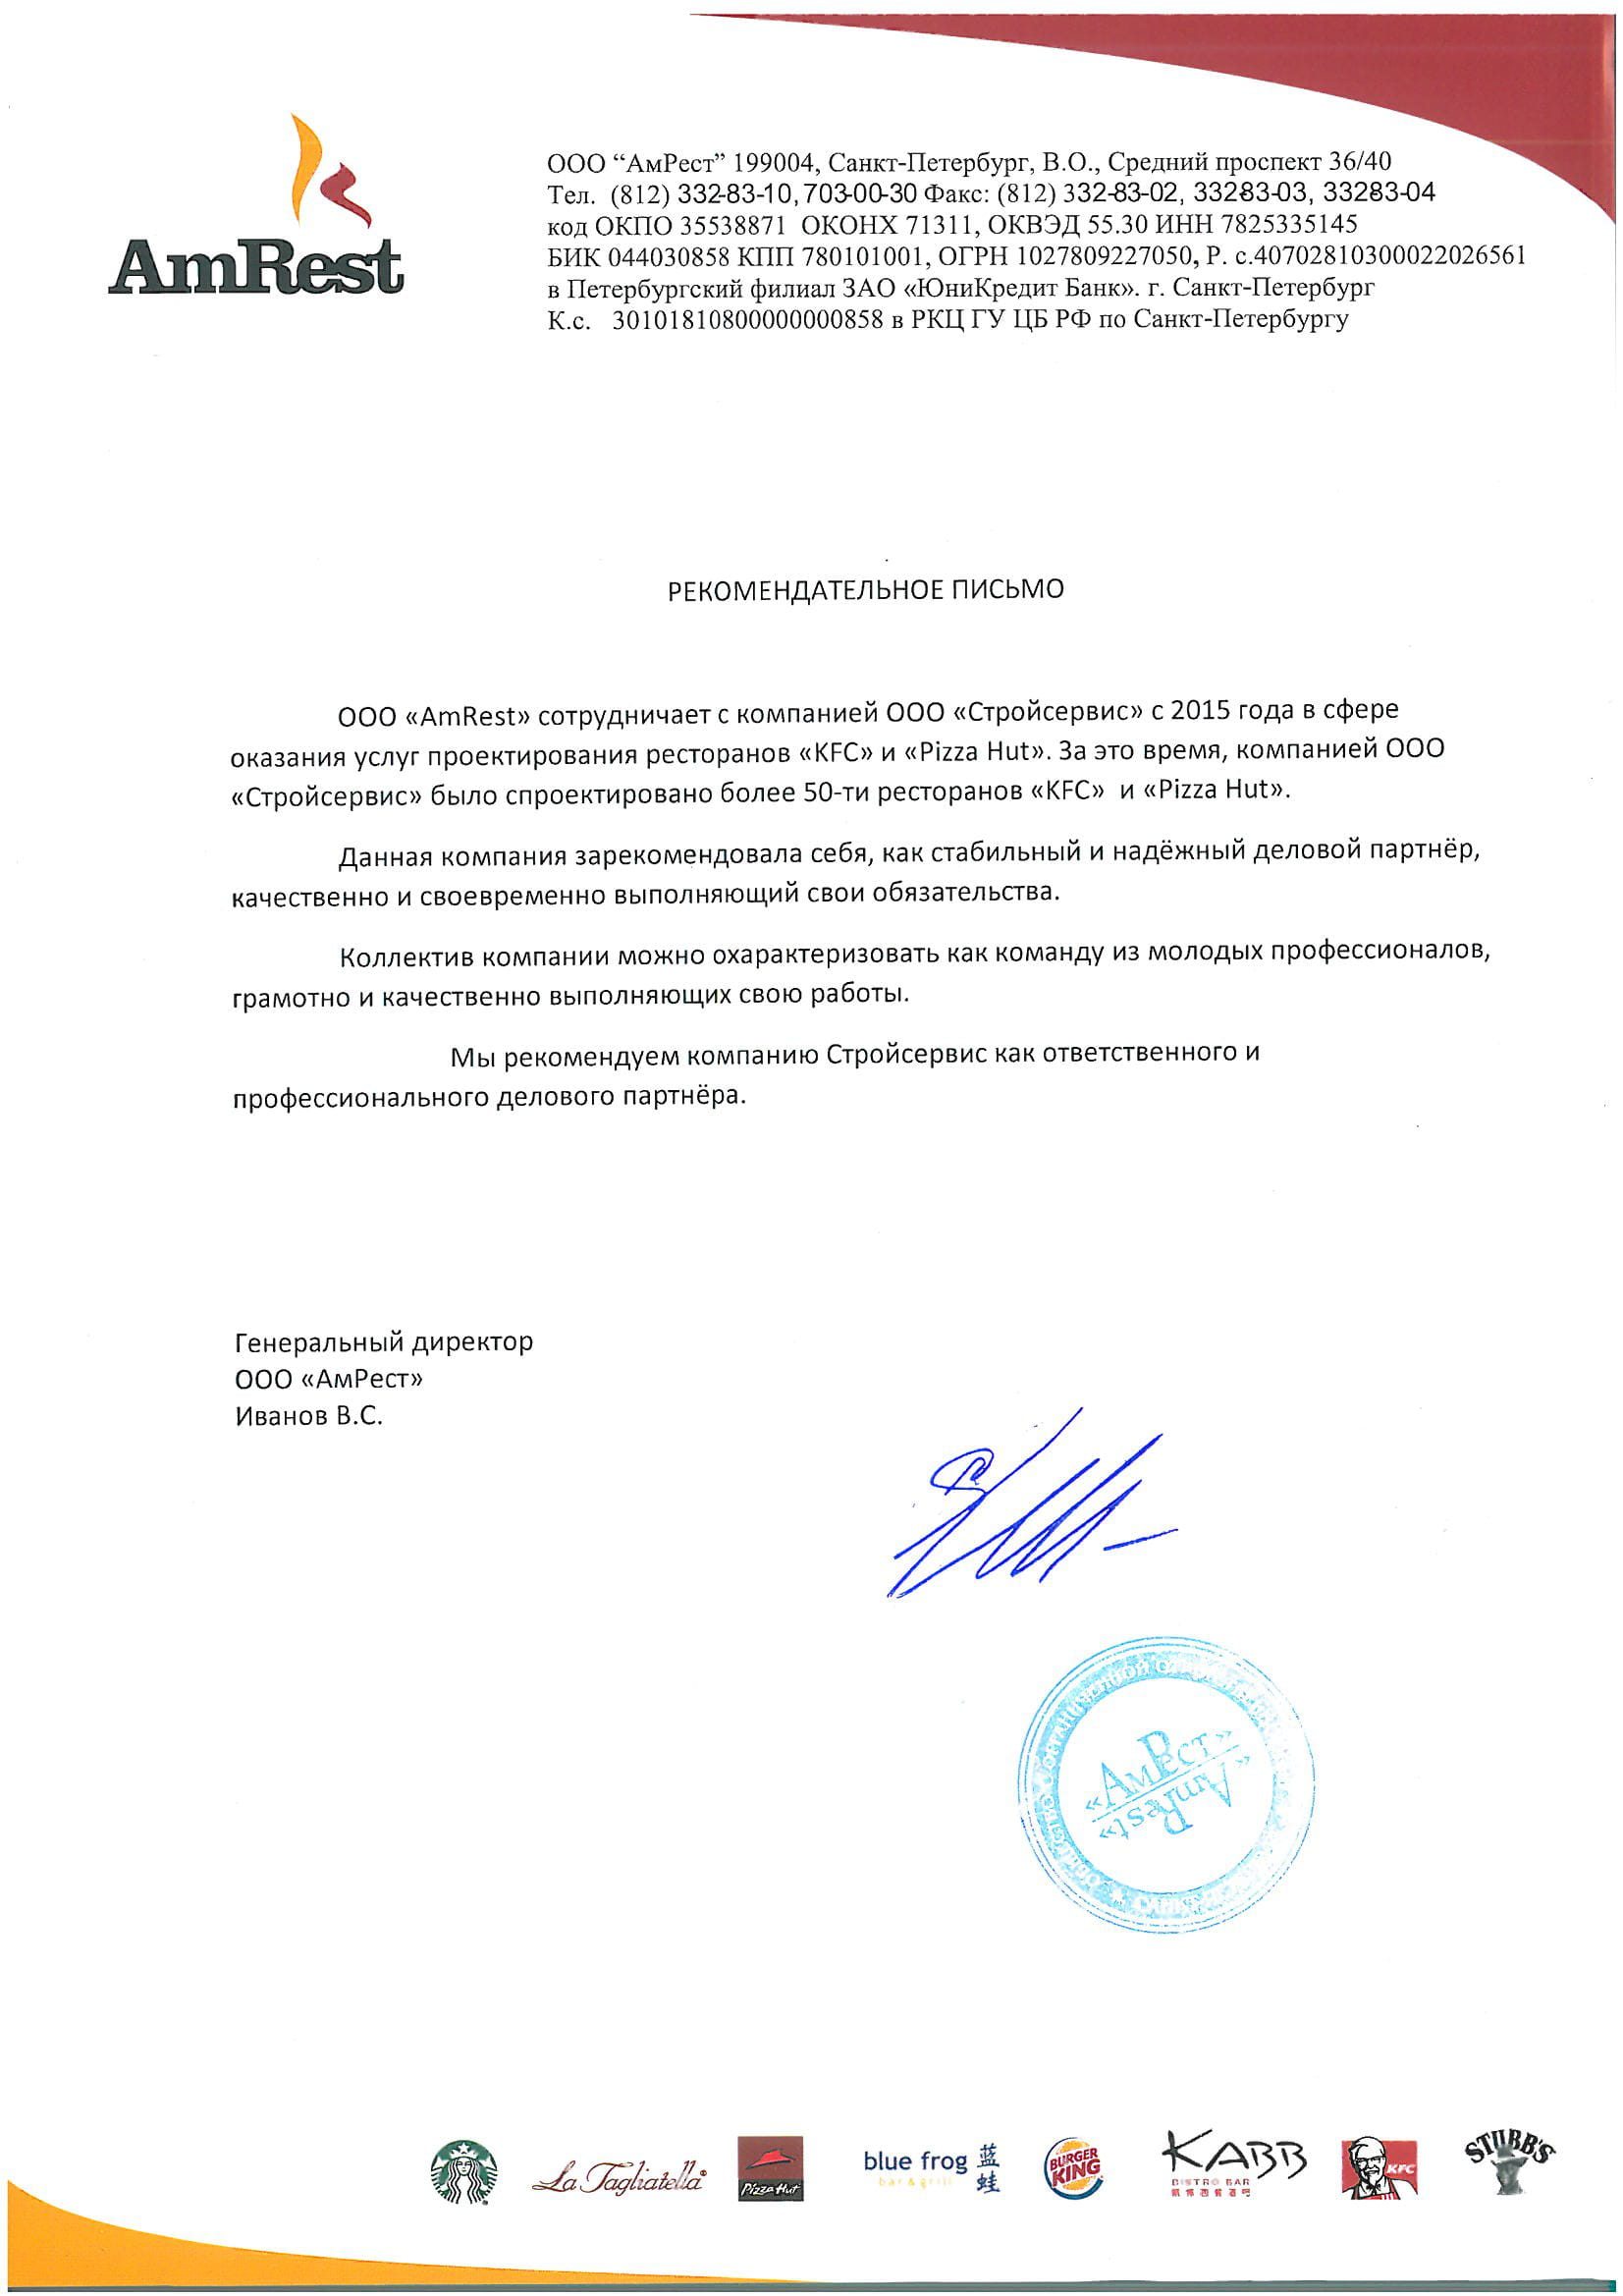 ООО Стройсервис презентация.-6